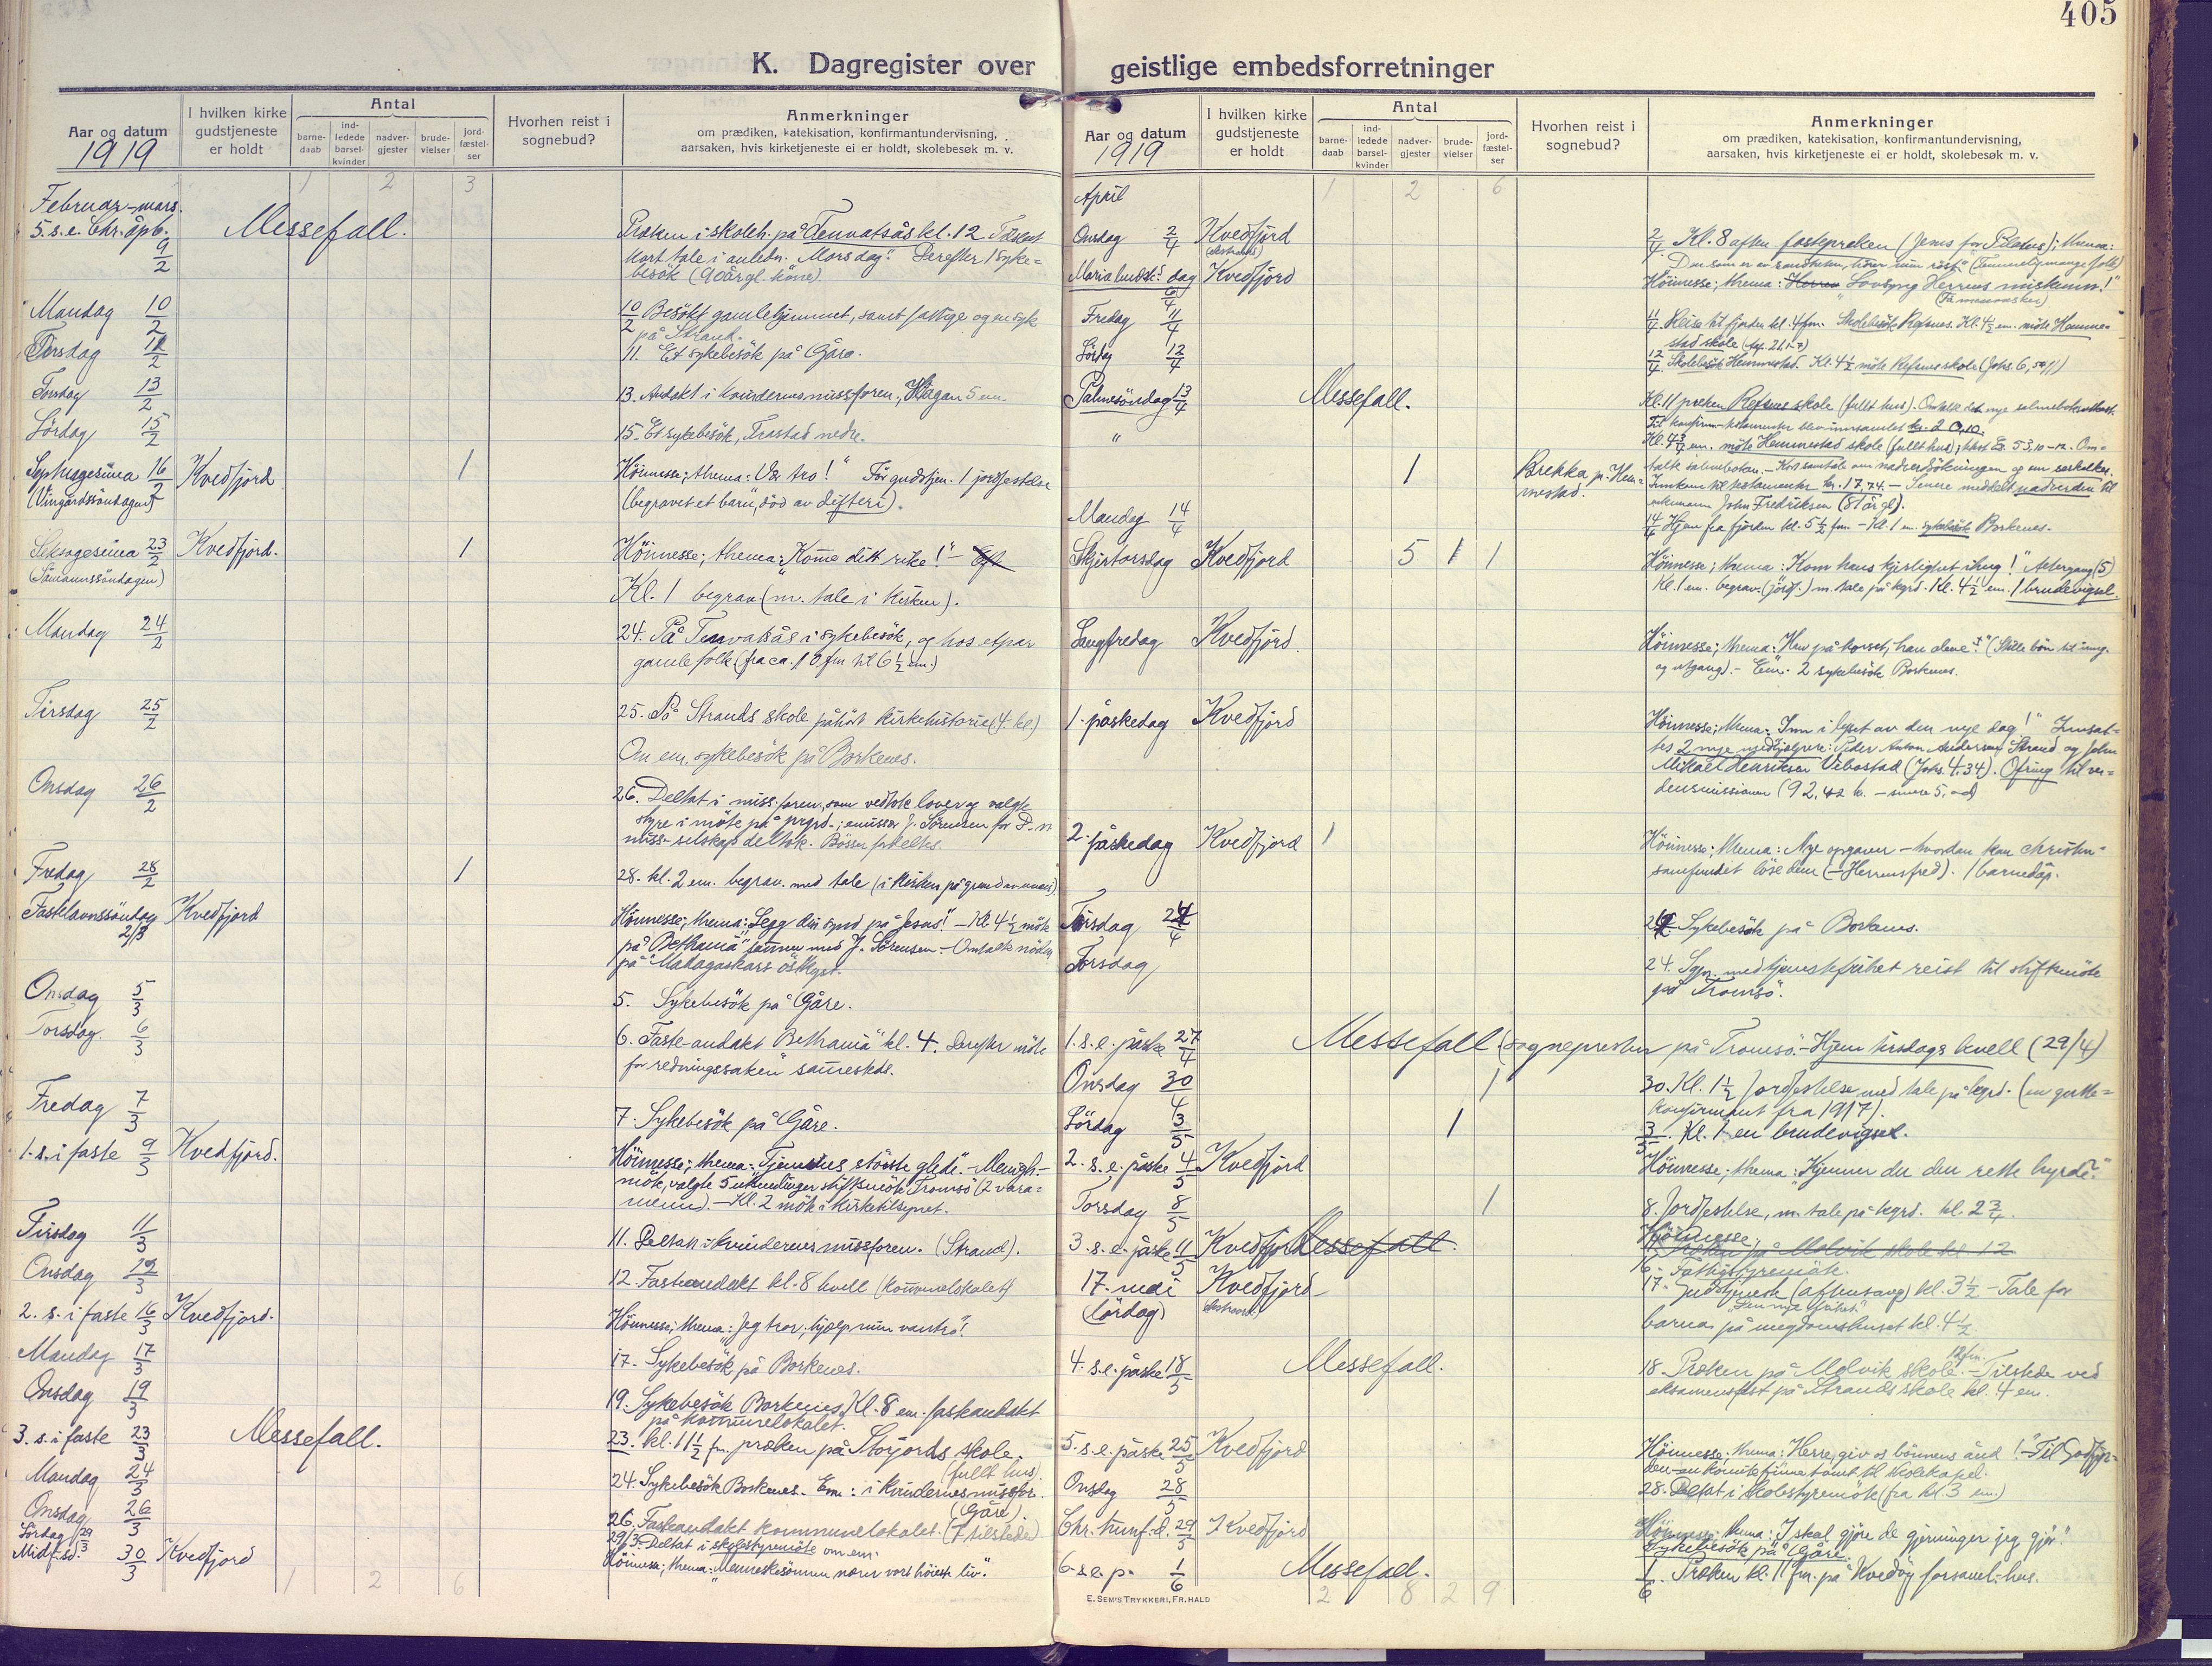 SATØ, Kvæfjord sokneprestkontor, G/Ga/Gaa/L0007kirke: Ministerialbok nr. 7, 1915-1931, s. 405